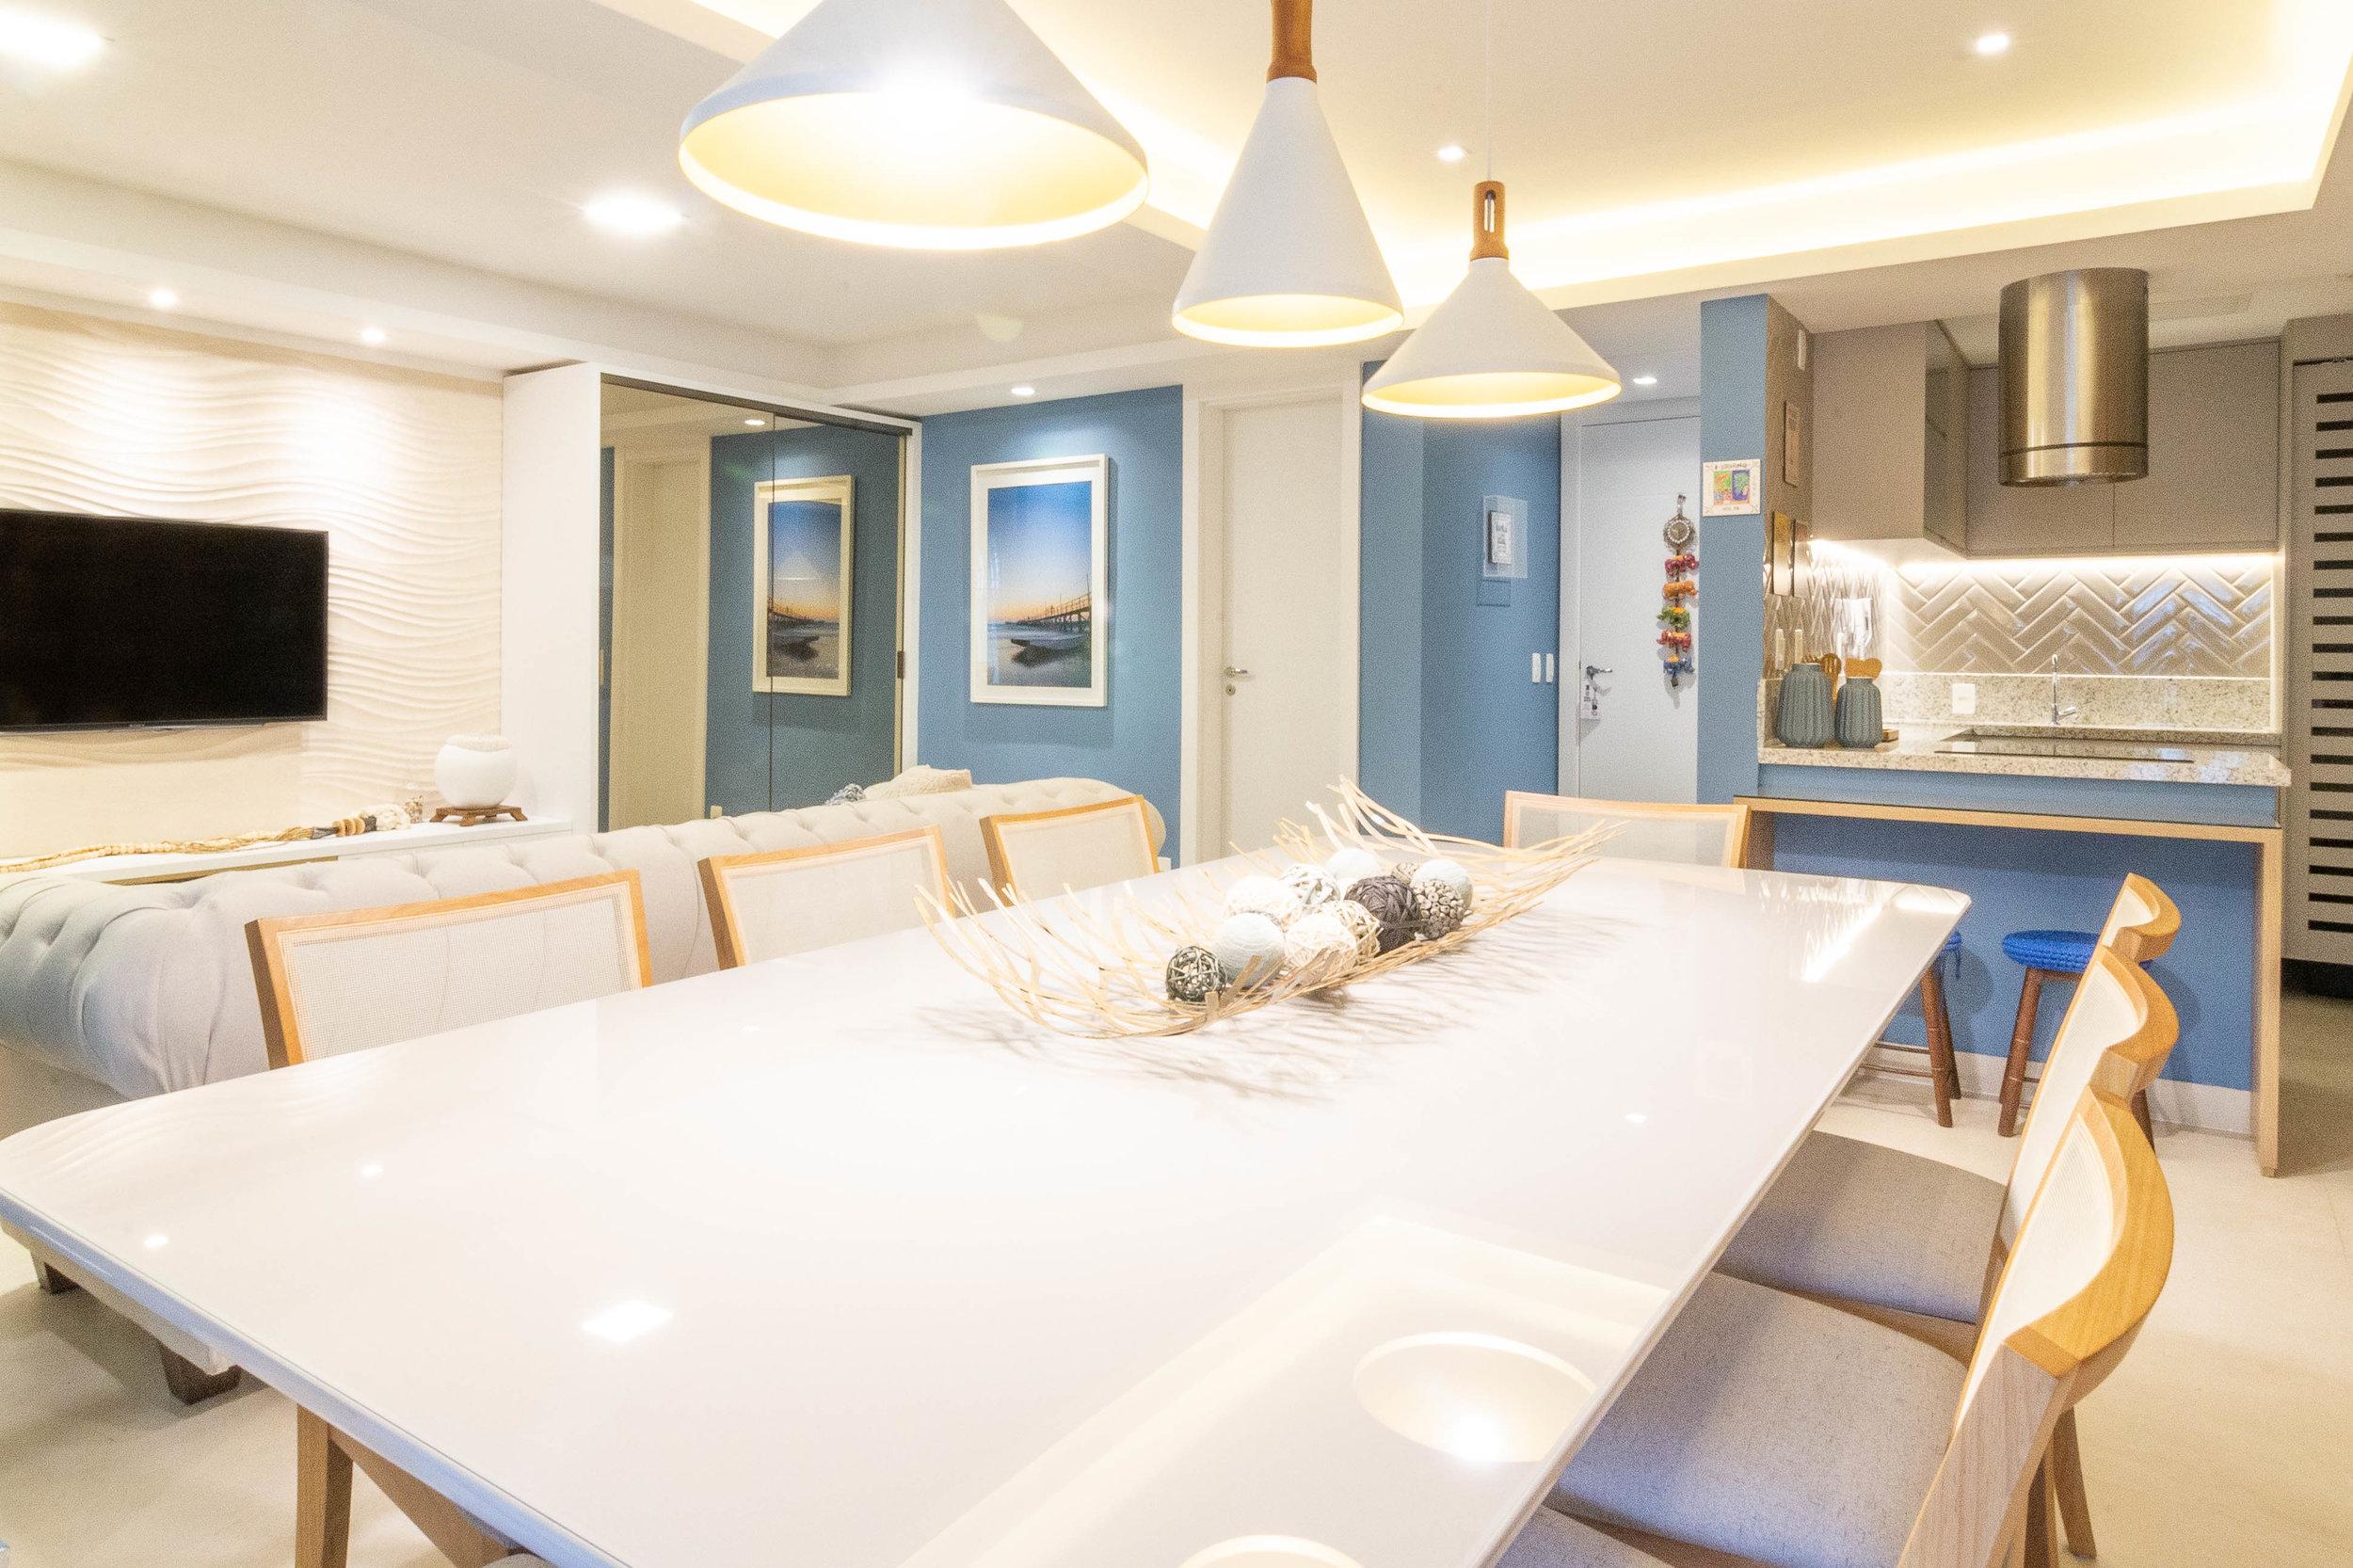 projeto-arquitetonico-luciananilton-duo-arquitetura-apartamentos-praia-015.jpg